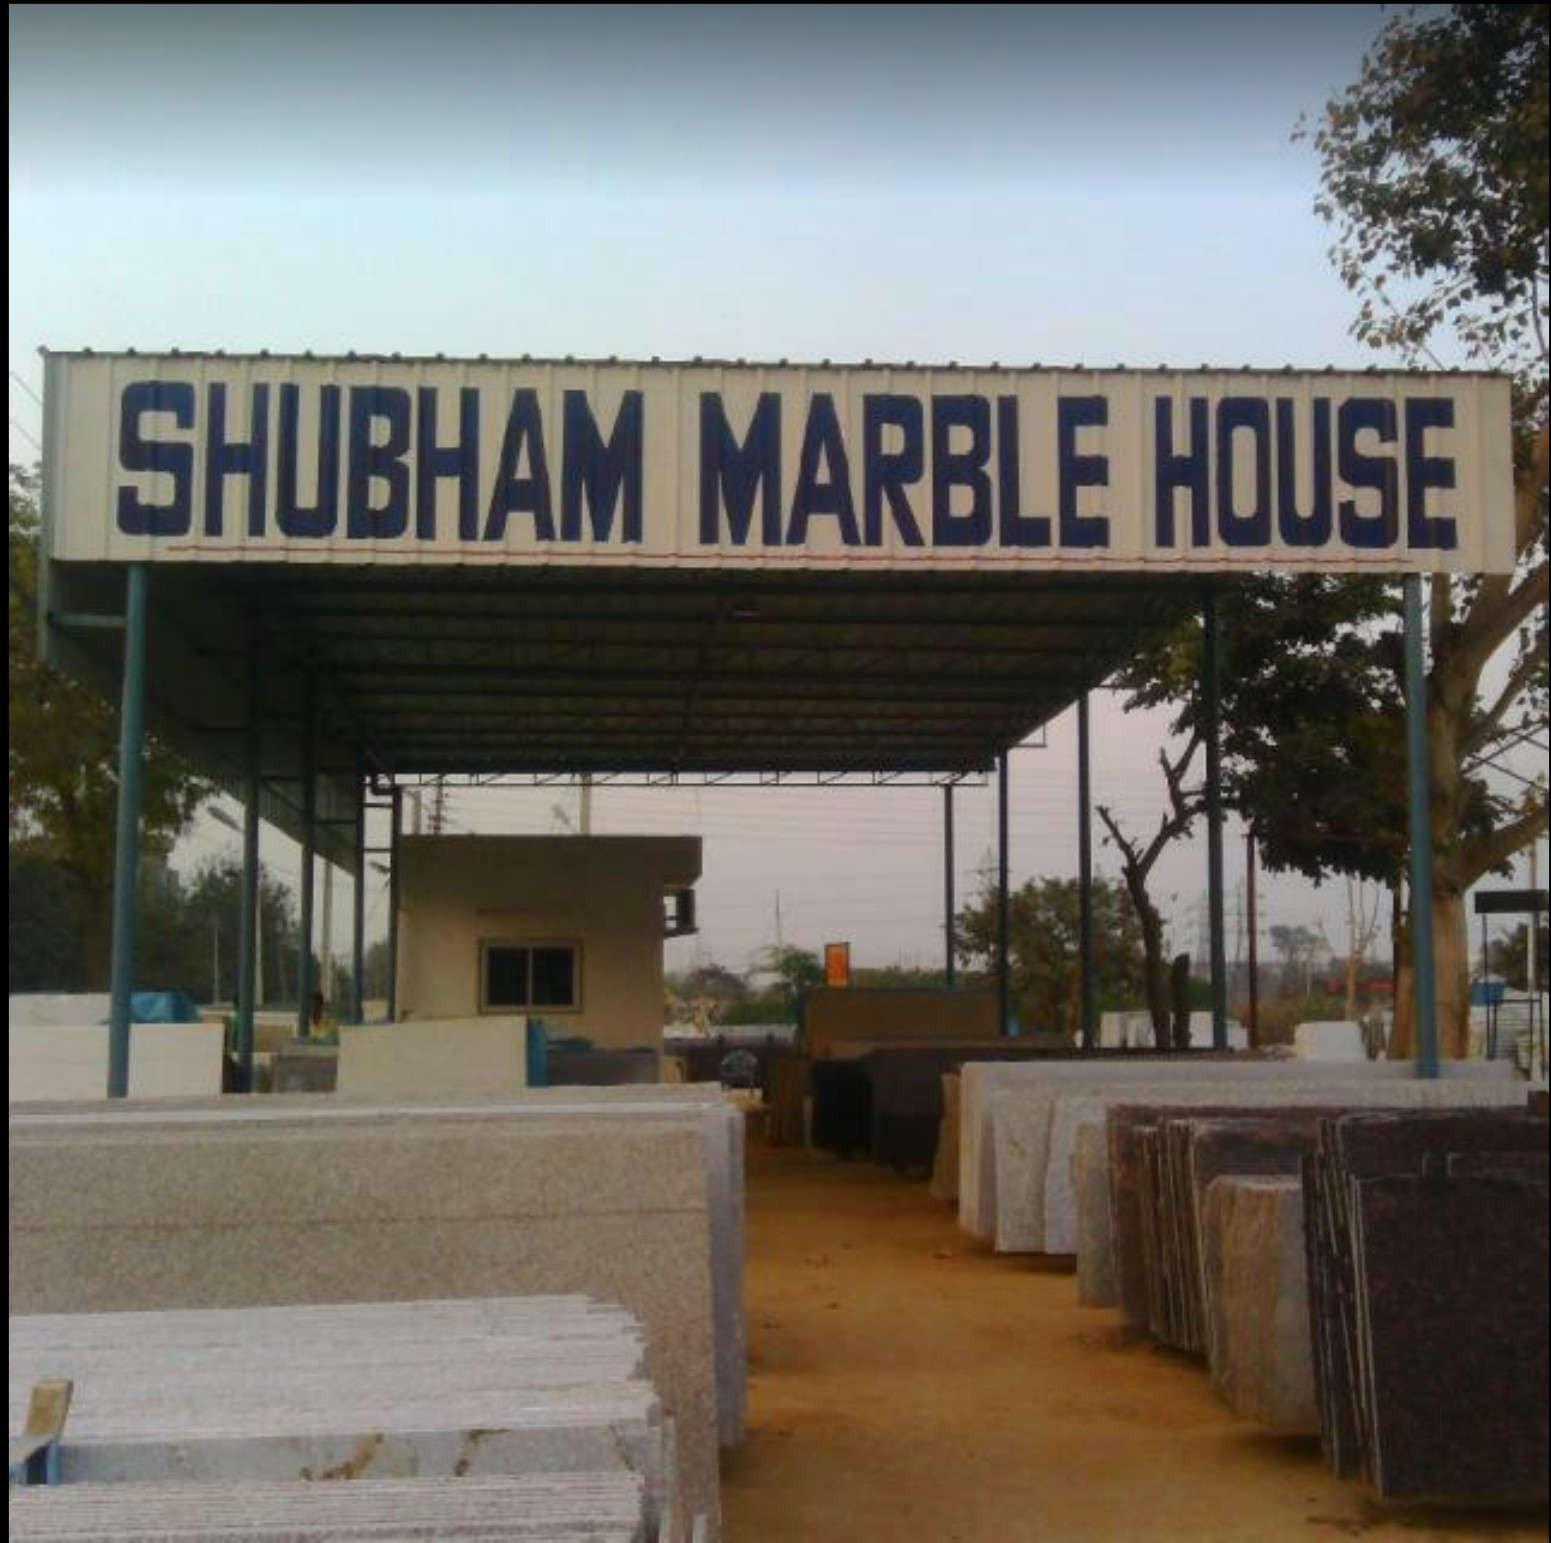 Shubham Marble House